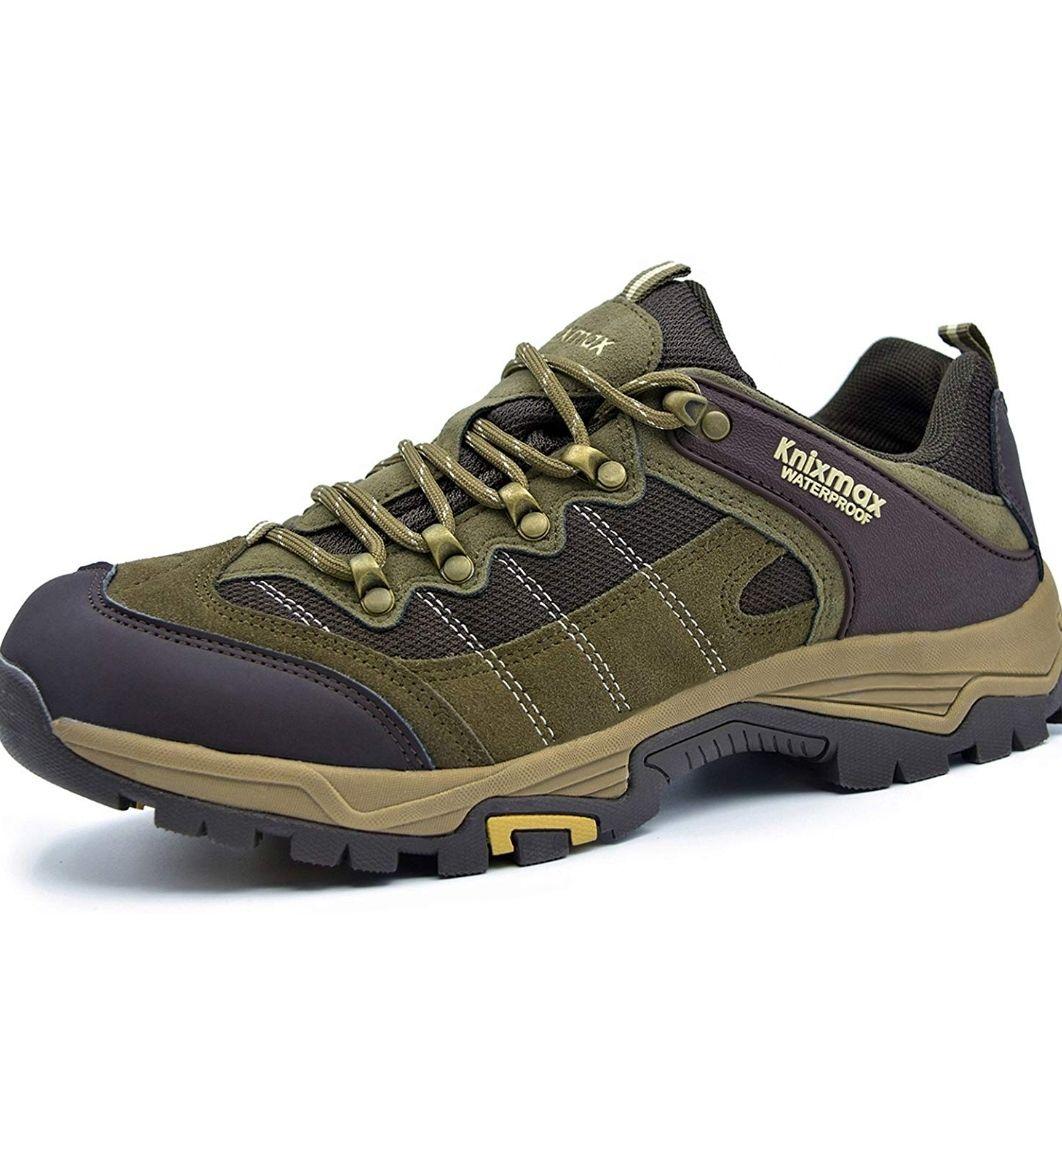 Knixmax-Zapatillas de Montaña Talla 46